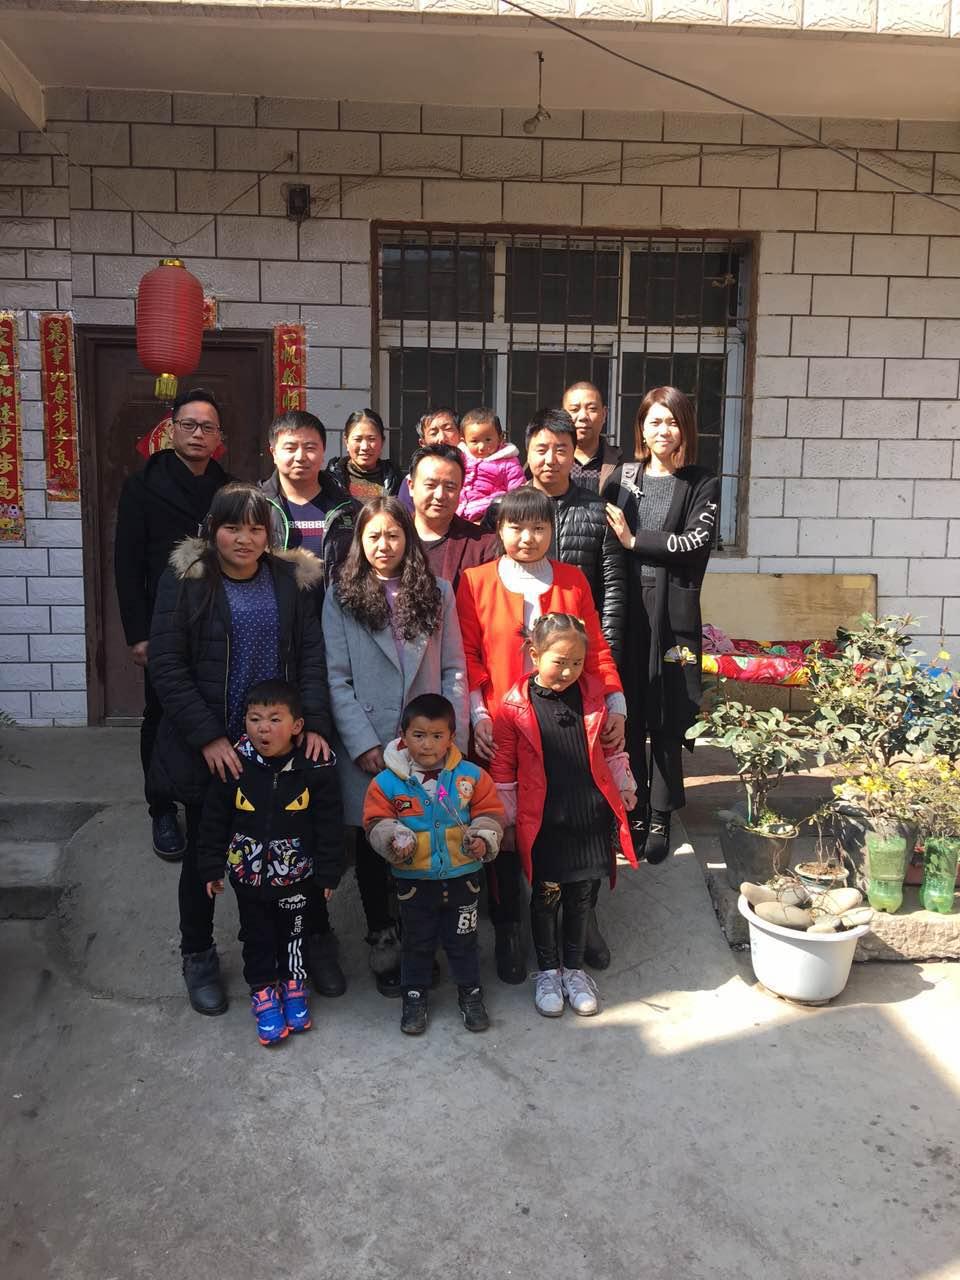 ↑ 1月30日,林志刚(后排左一)在云南昭通拜年时与员工家庭合影。新华社发